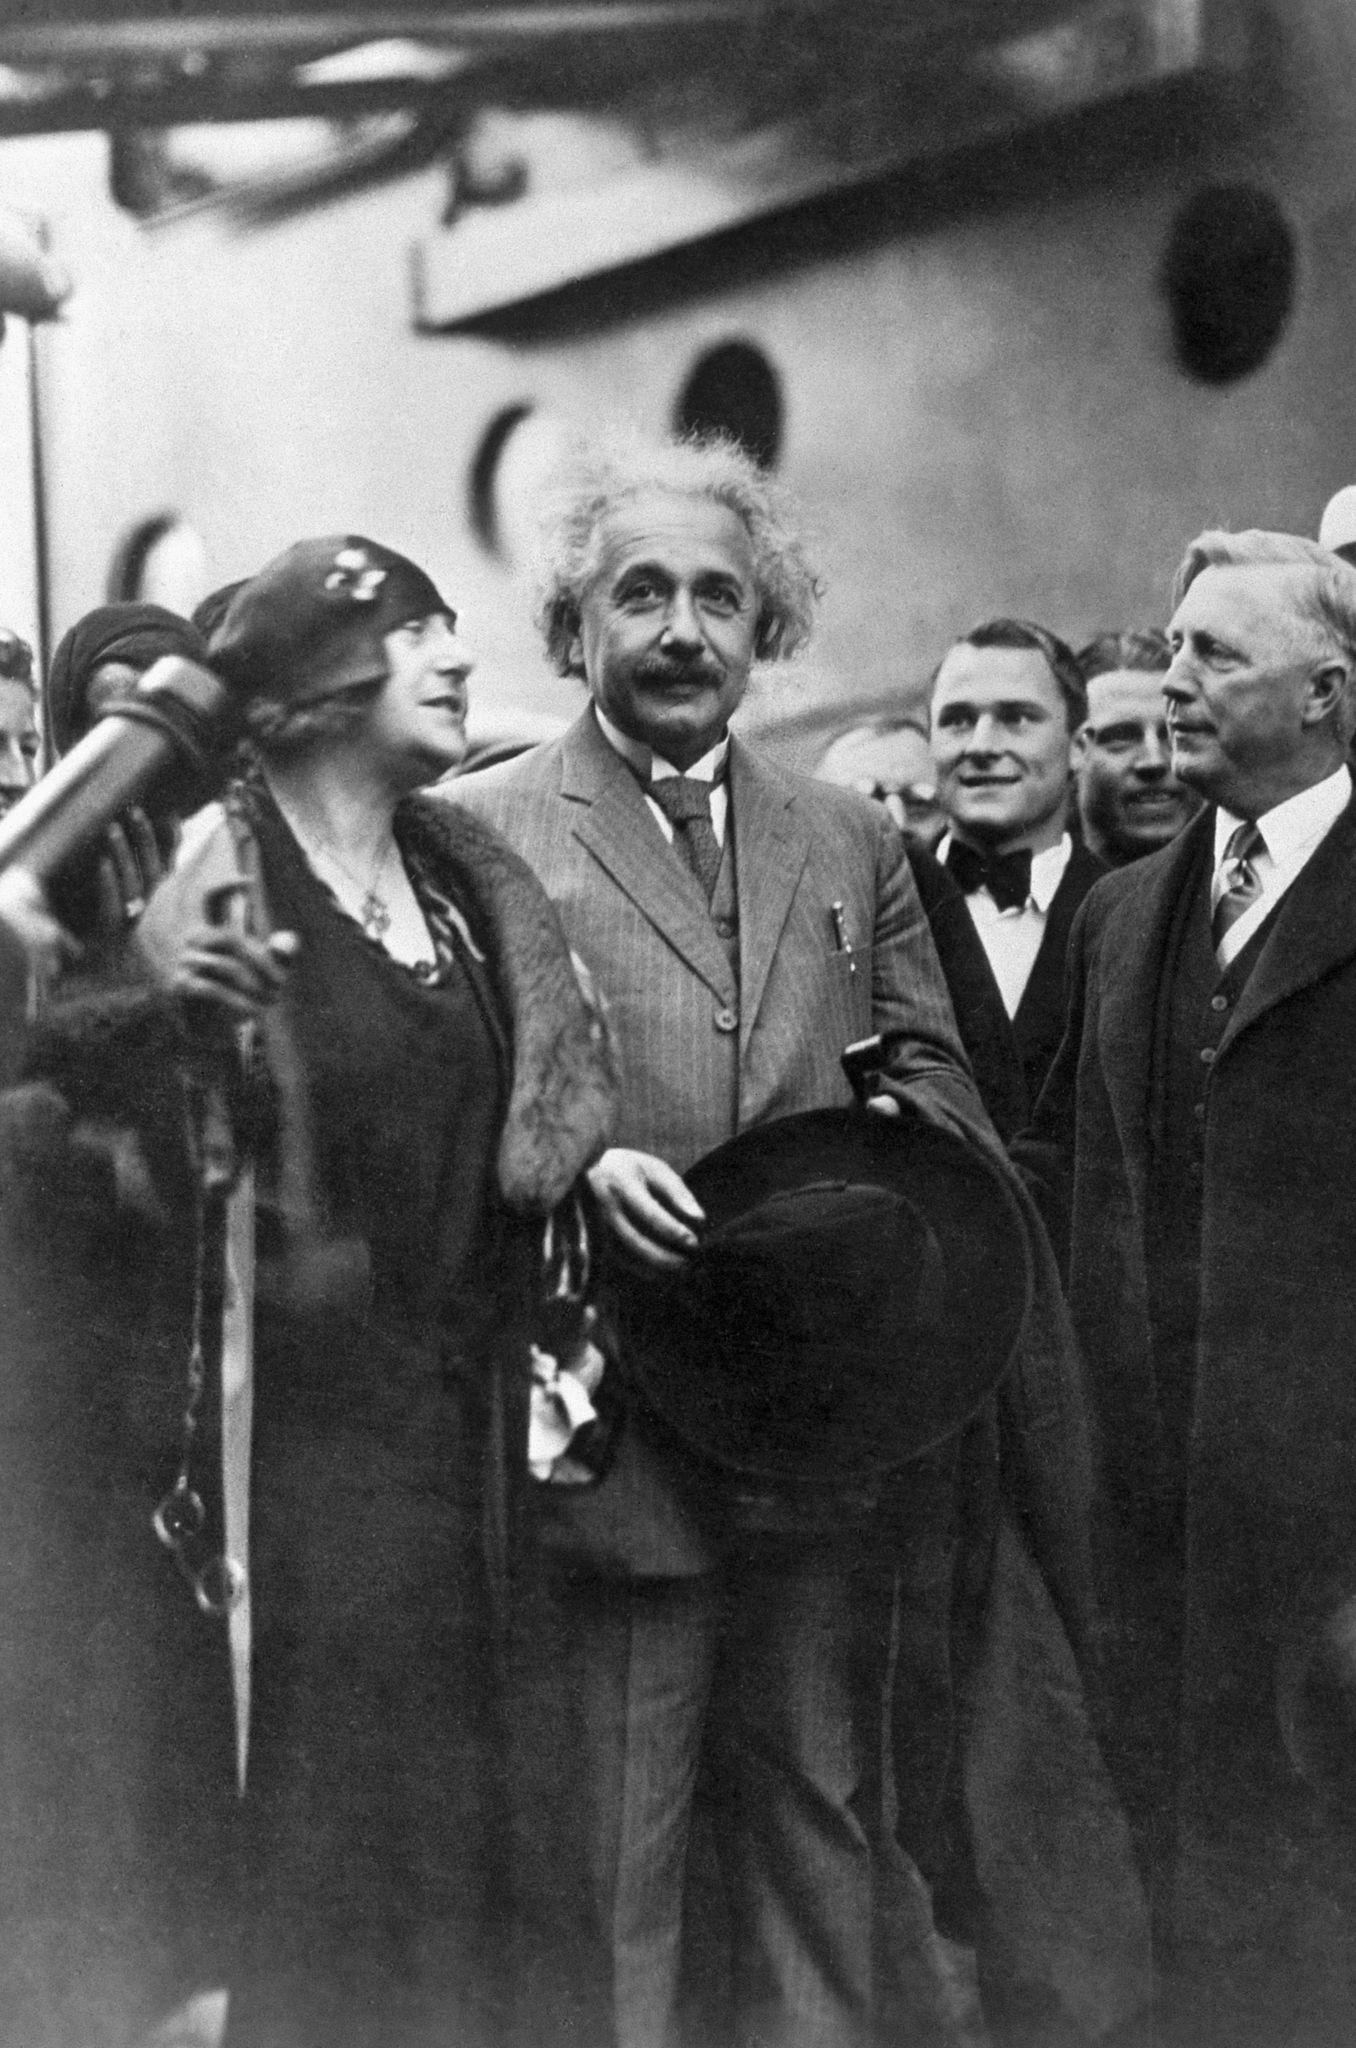 1930. Альберт Эйнштейн со своей двоюродной сестрой и второй женой Эльзой Эйнштейн Лоуэнталь прибывает в Сан-Диего в канун Нового года.jpg